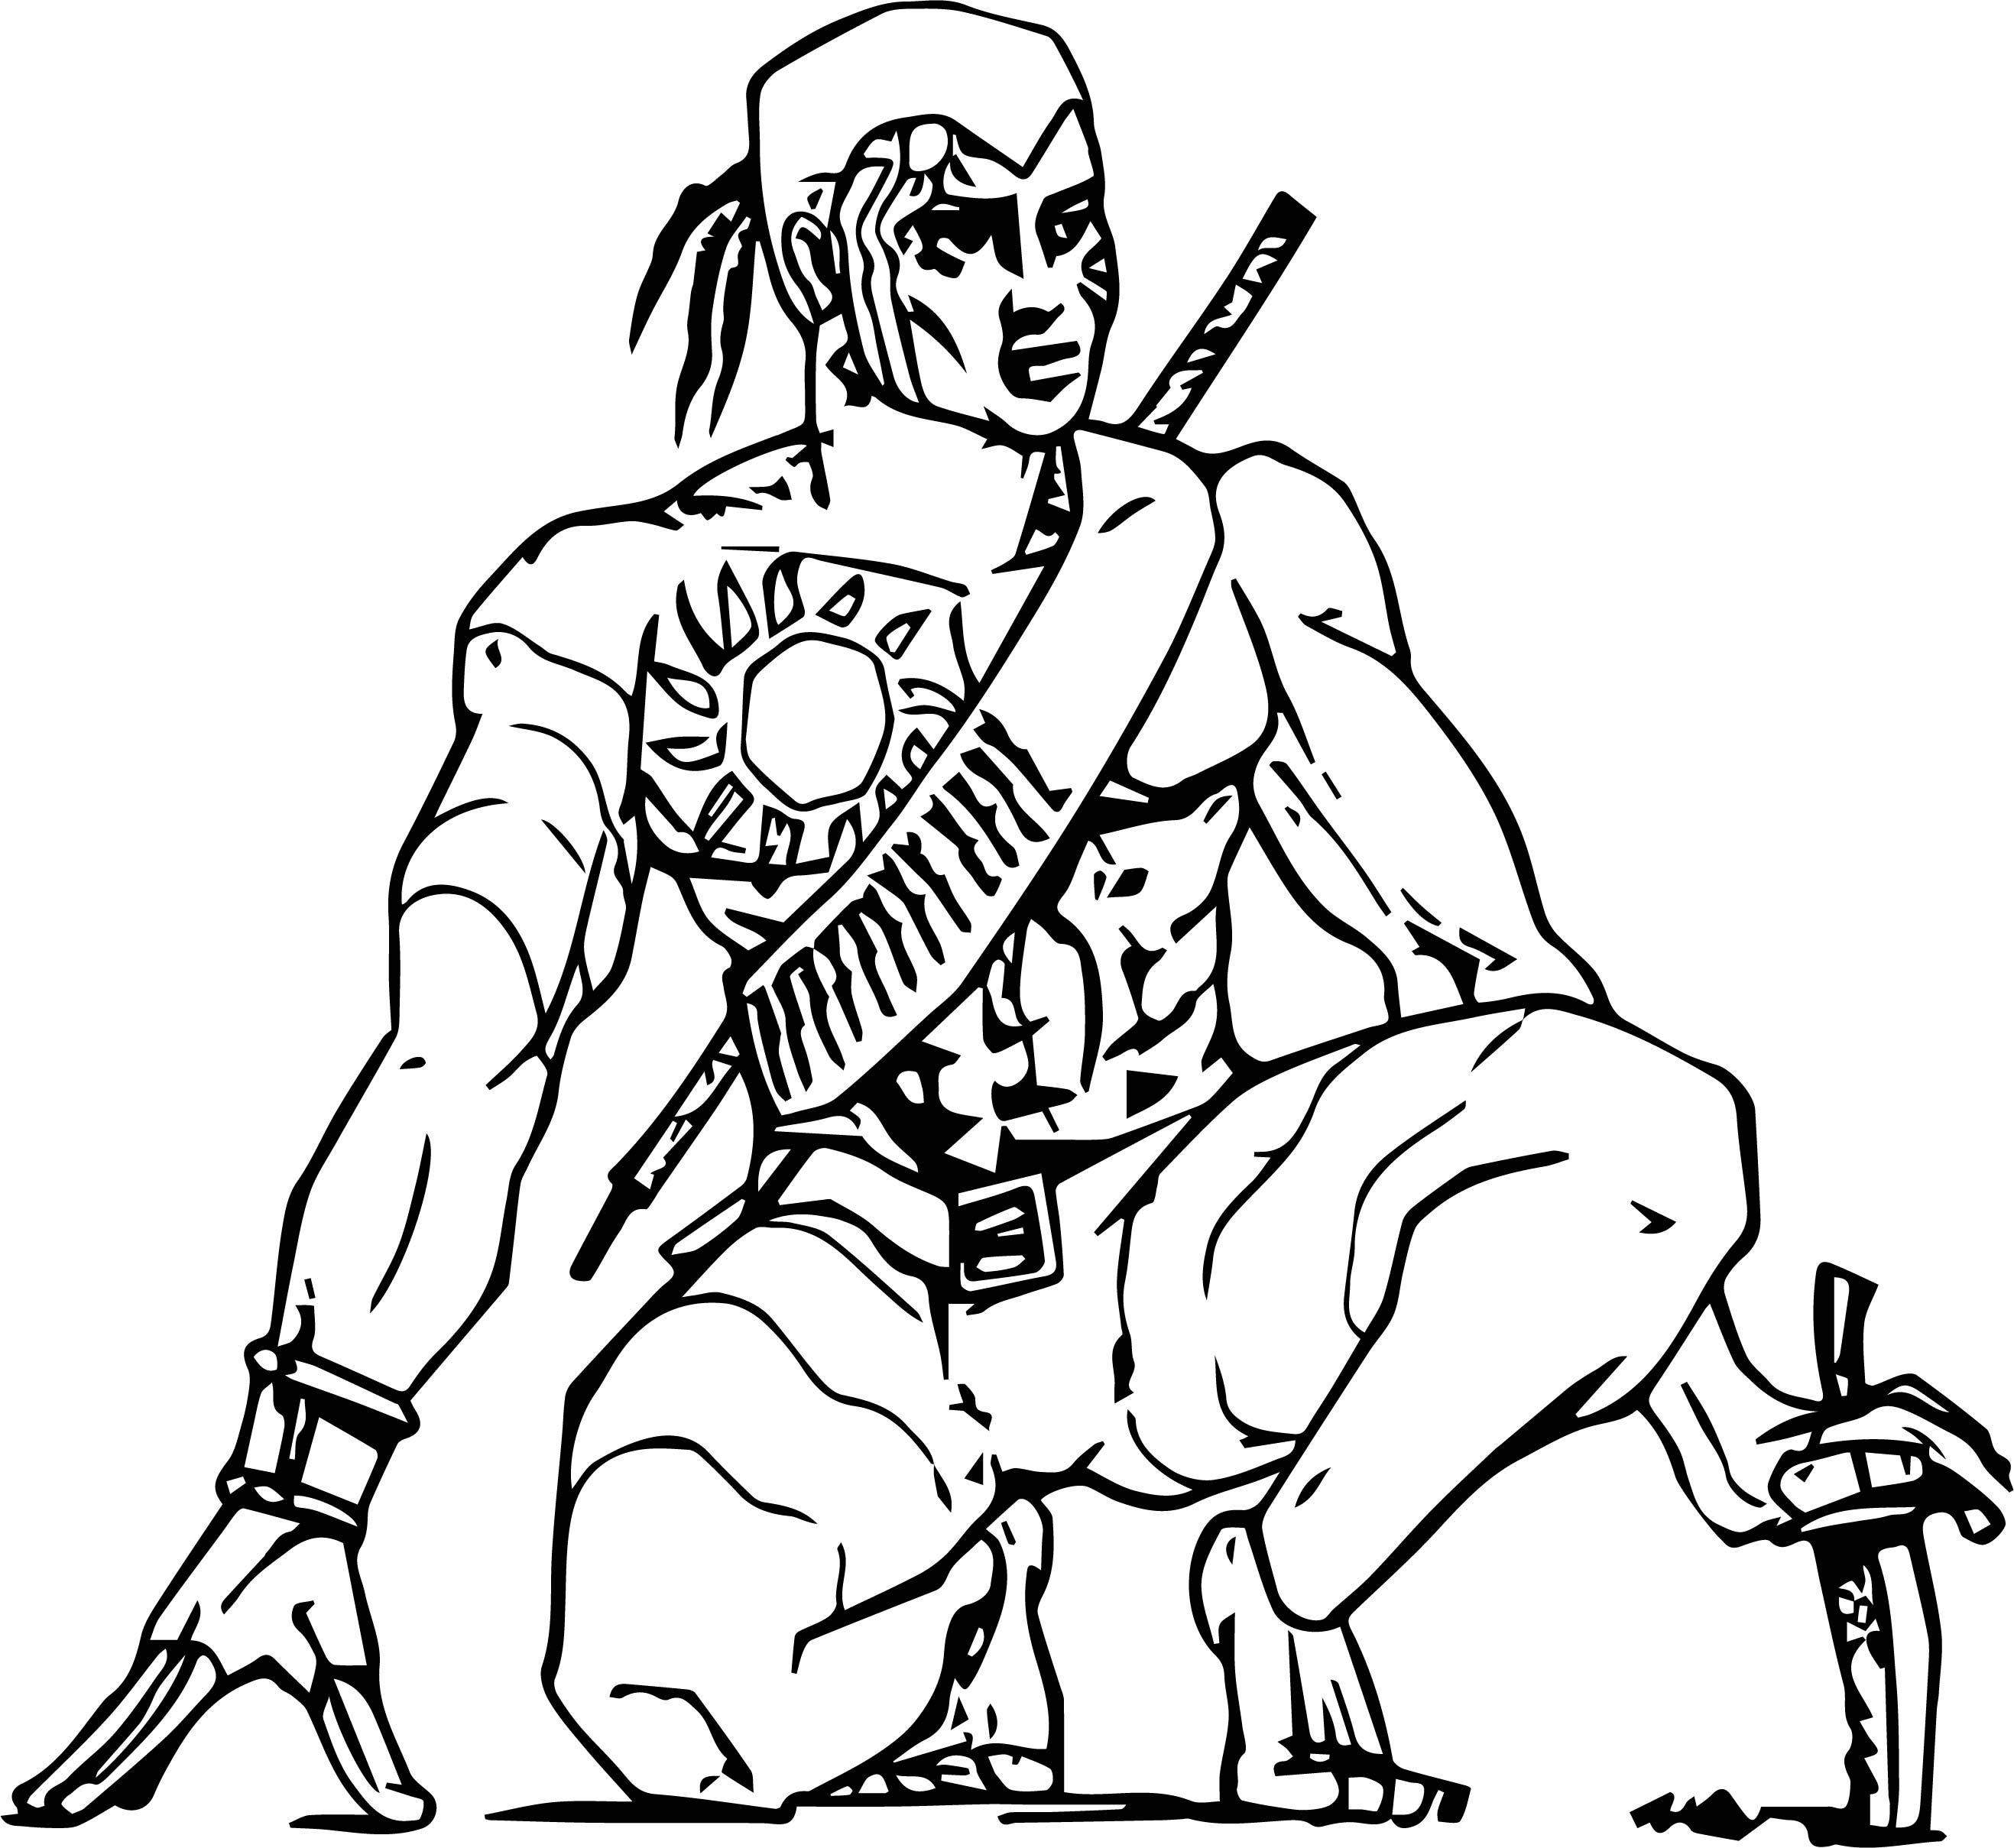 Tarzan Character Design Coloring Page